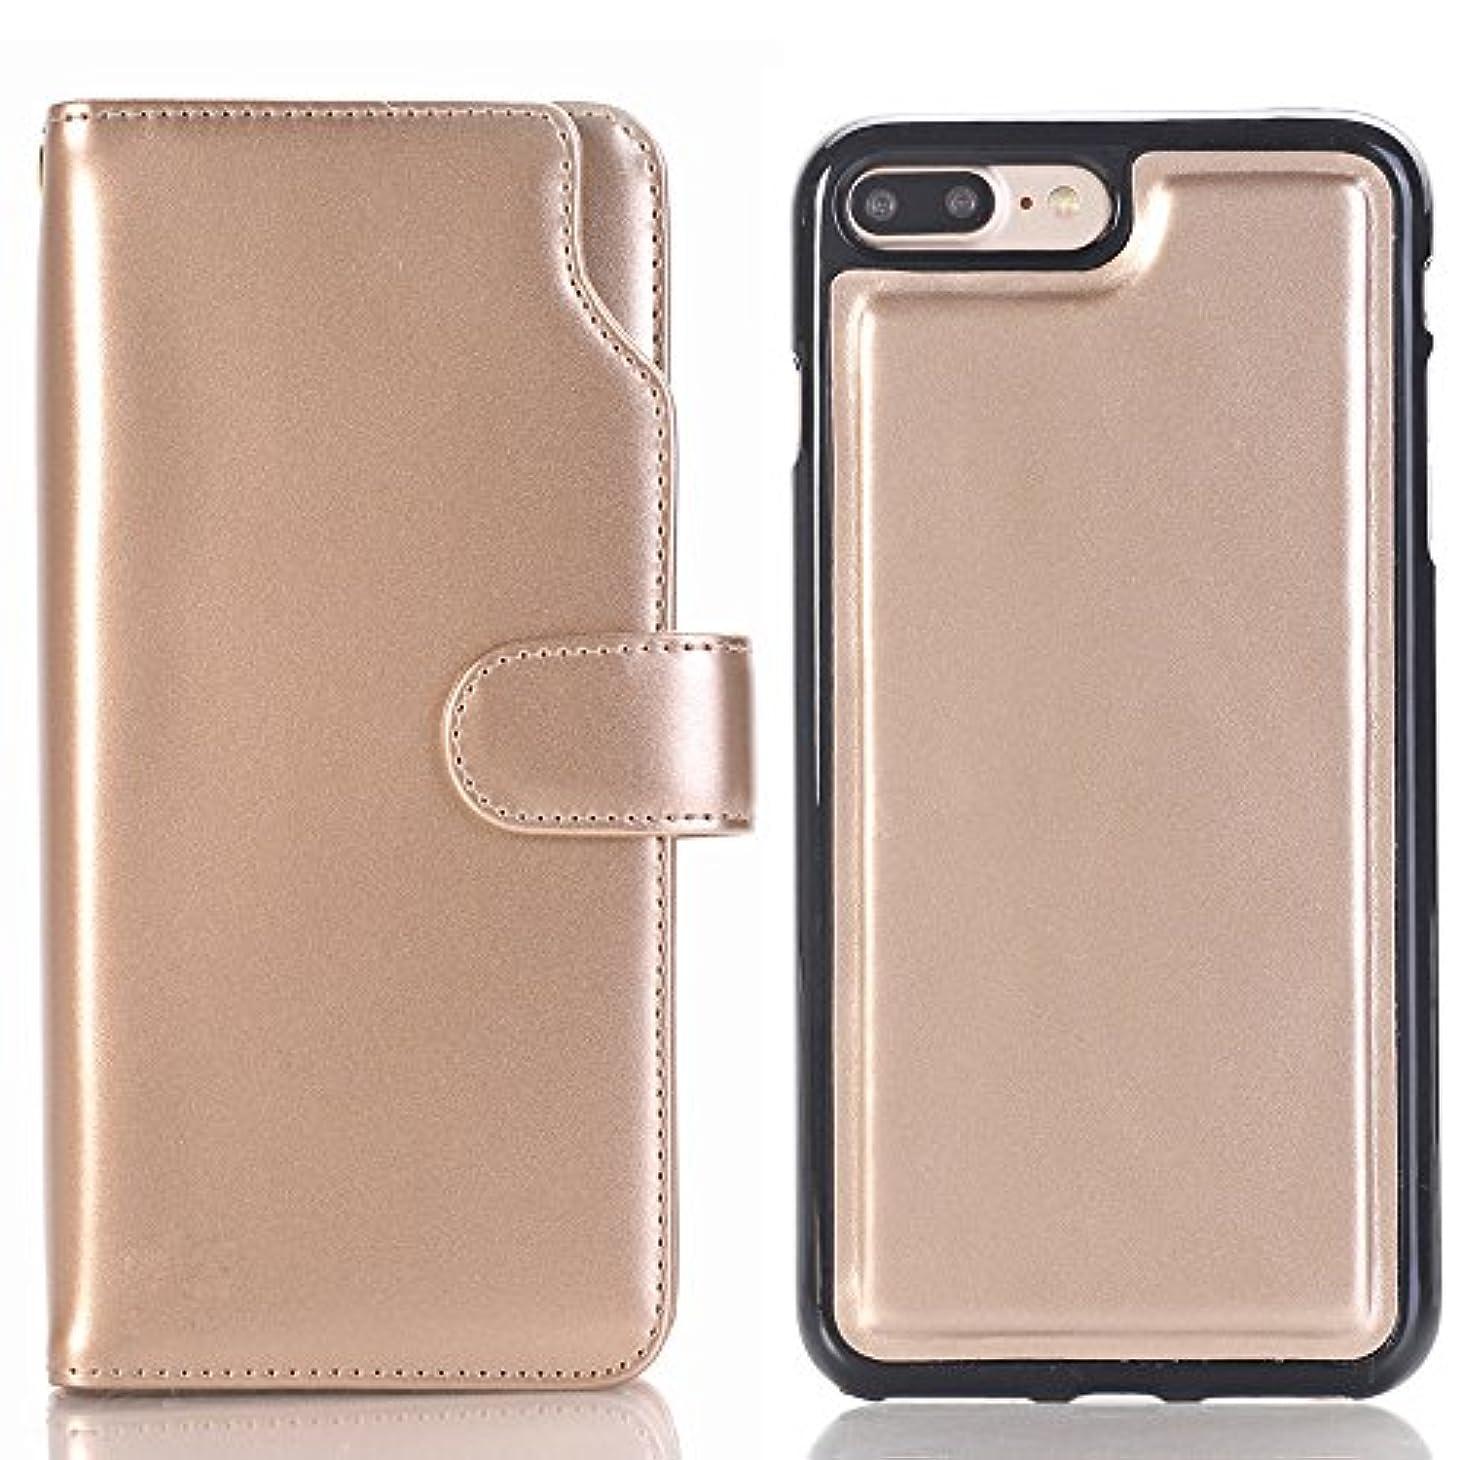 もし利得代表iPhone 6 Plus ケース 分離可能、SIMPLE DO 良質レザー おしゃれデザイン カード収納 傷つけ防止 業務用(ゴールド)